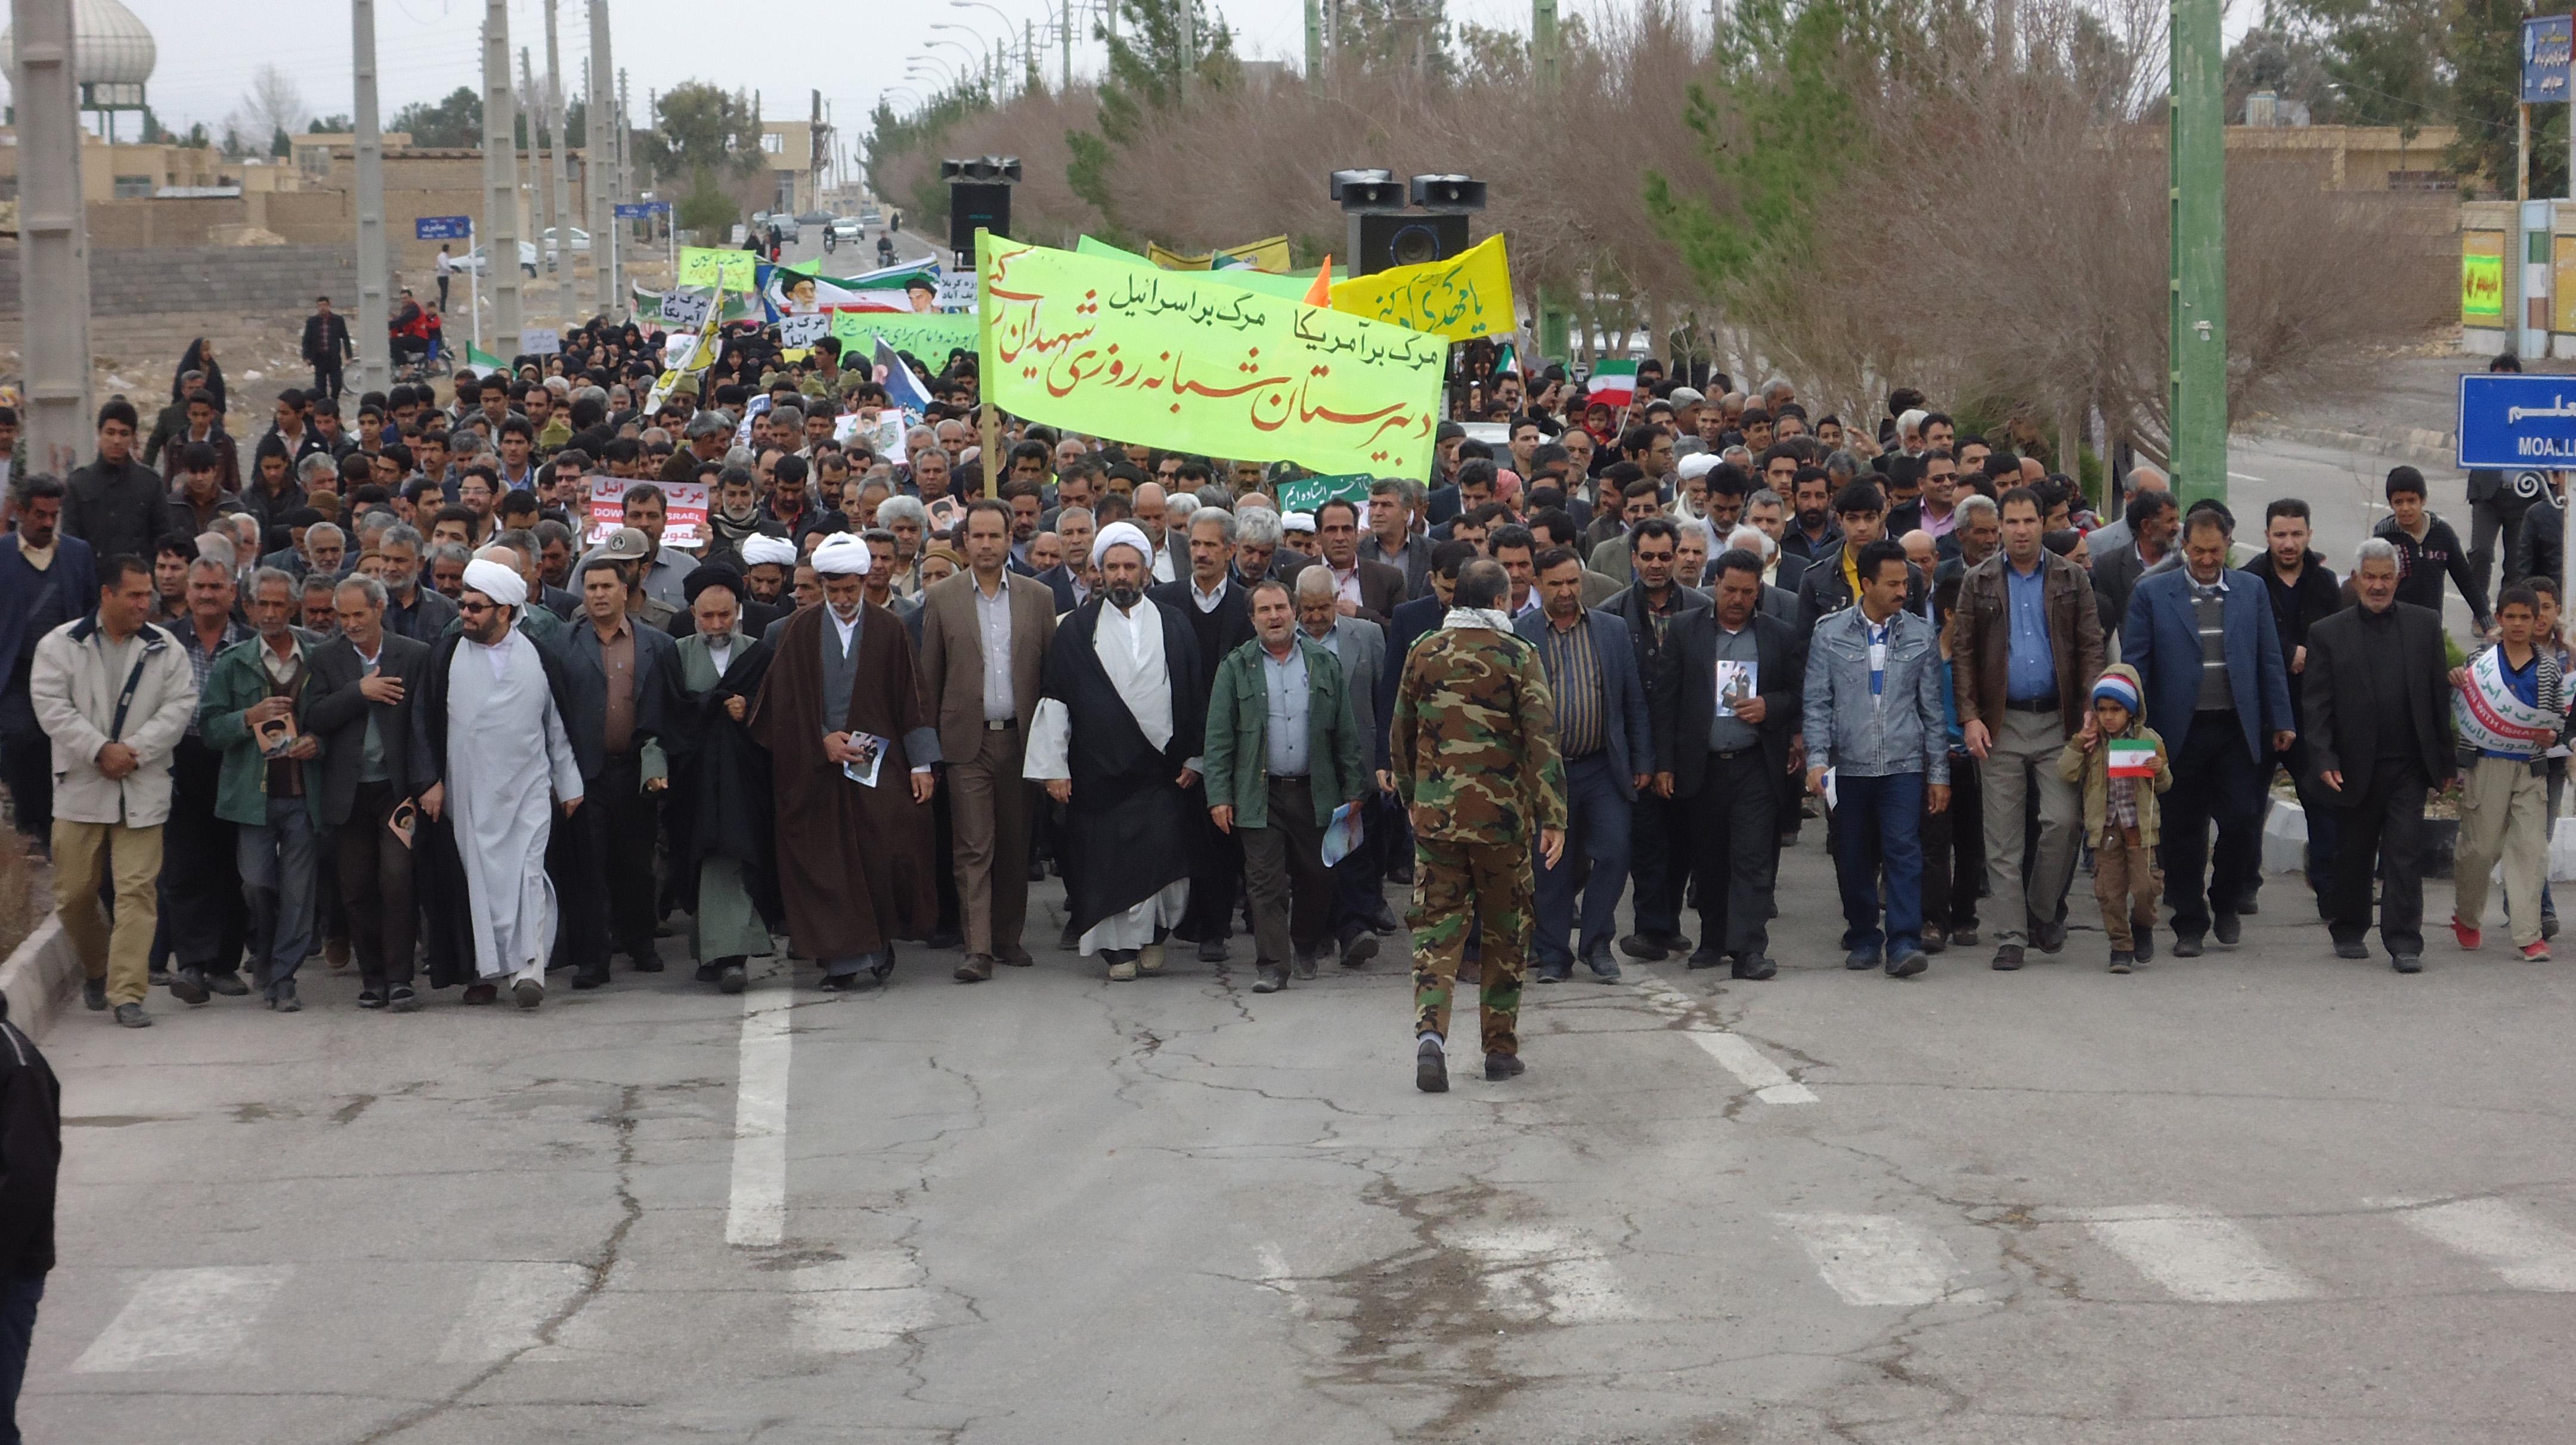 گزارش تصویری راهپیمایی مردم کشکوئیه رفسنجان در یوم الله 22 بهمن